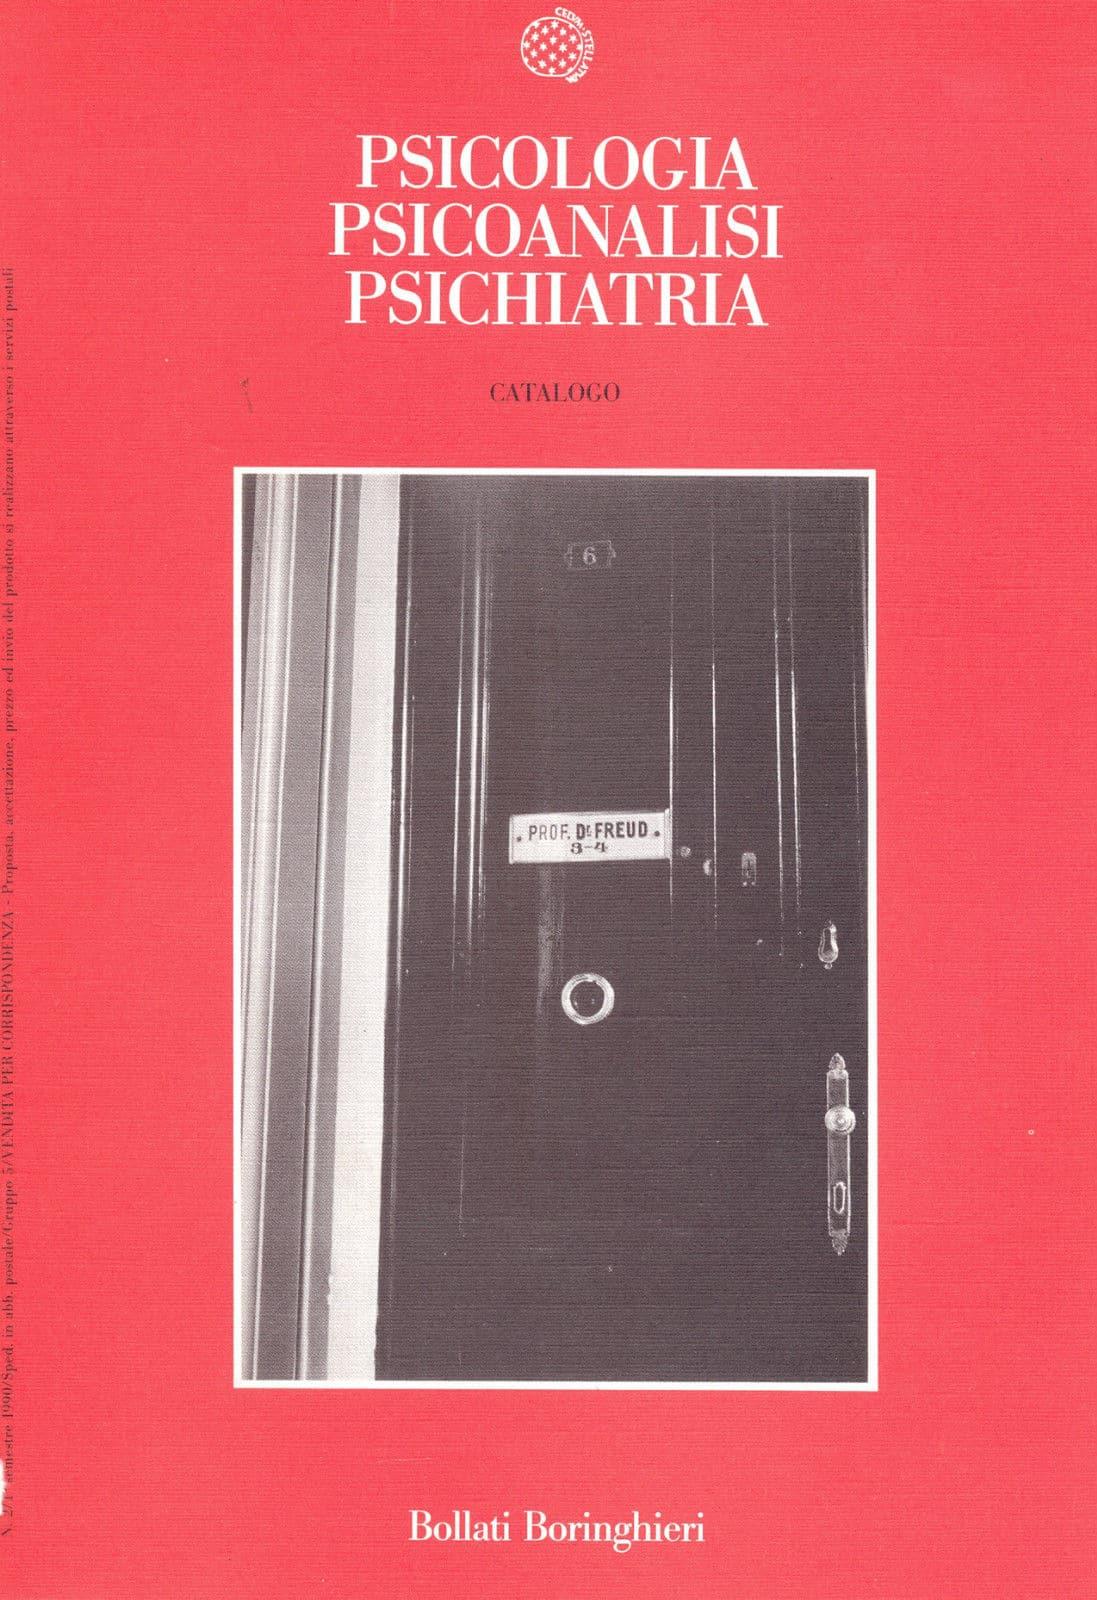 Psicologia, Psicoanalisi, Psichiatria. (catalogo)